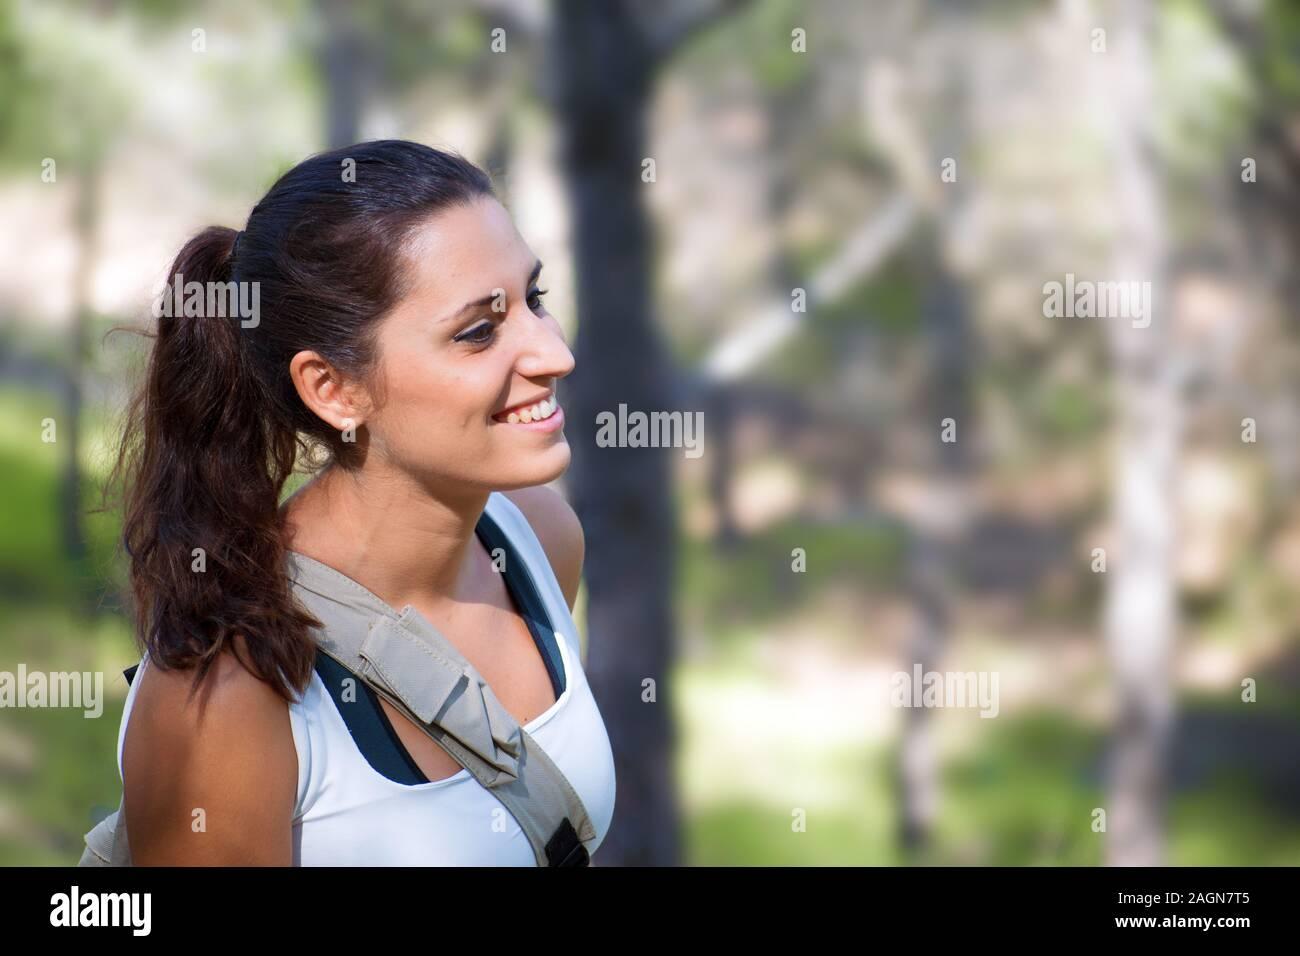 Mujer sonriente retrato vista lateral. Los jóvenes caucásicos chica española contra campos de agricultura. La libertad en la naturaleza. Foto de stock